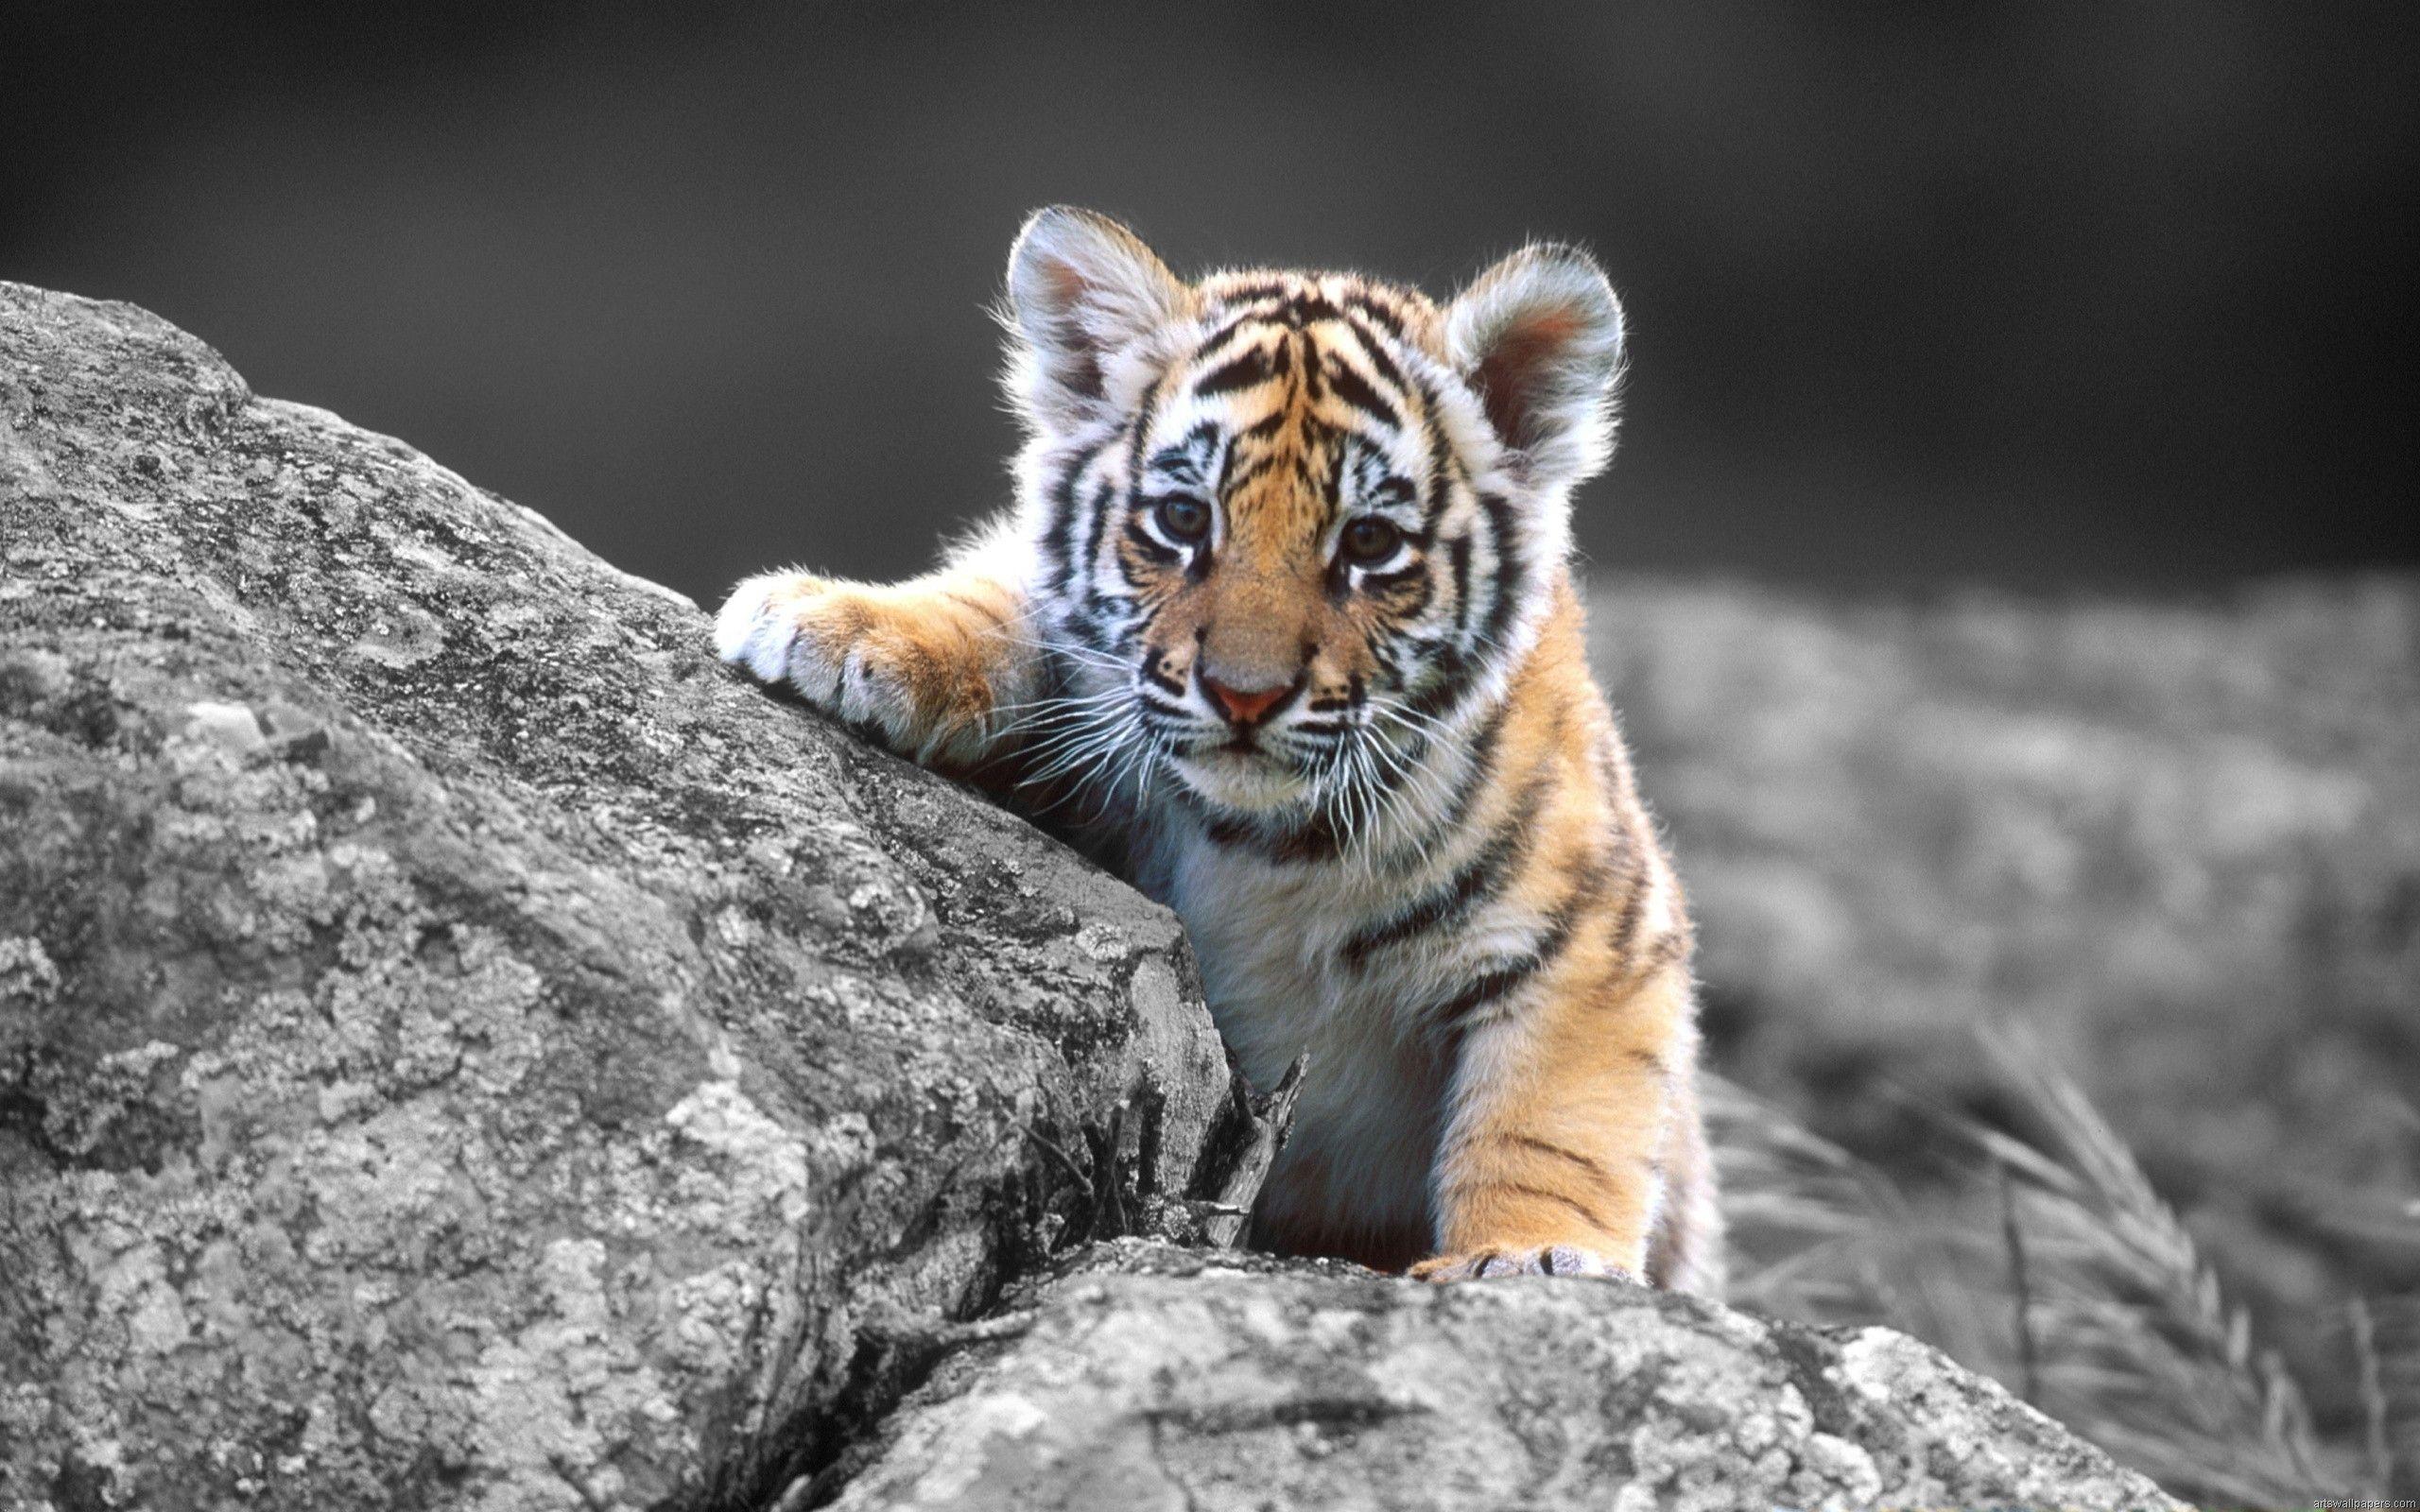 tiger aniimal image